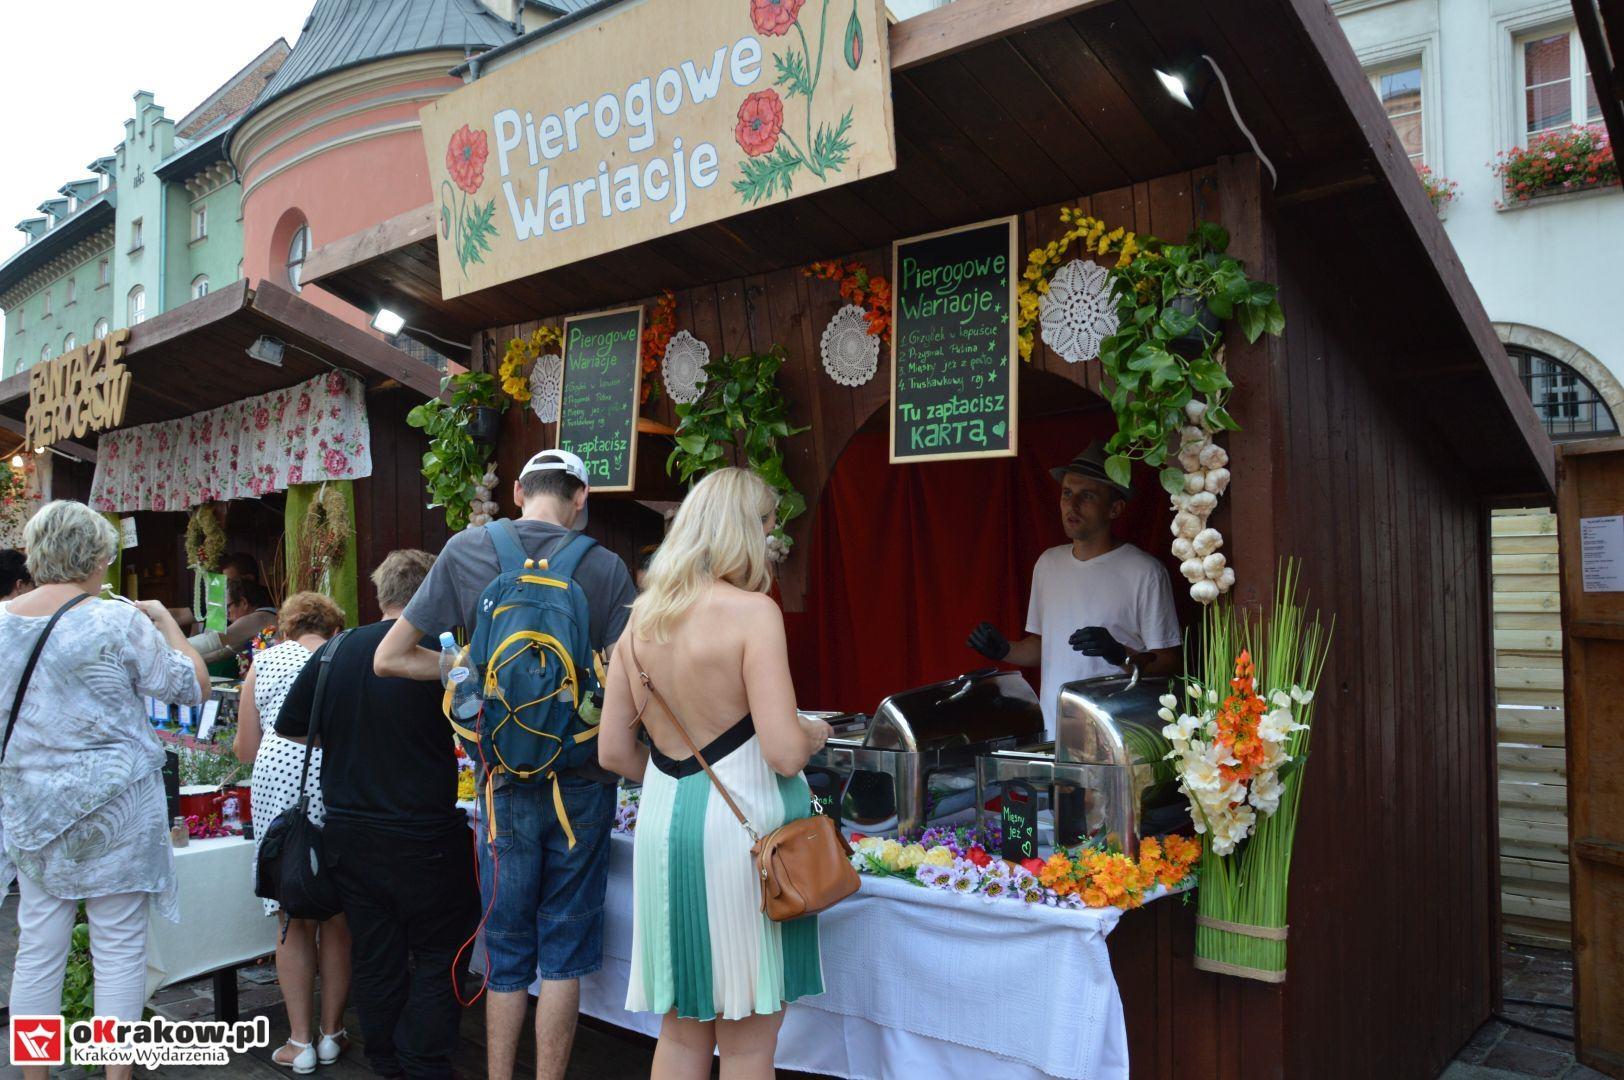 krakow festiwal pierogow maly rynek koncert cheap tobacco 31 150x150 - Galeria zdjęć Festiwal Pierogów Kraków 2018 + zdjęcia z koncertu Cheap Tobacco